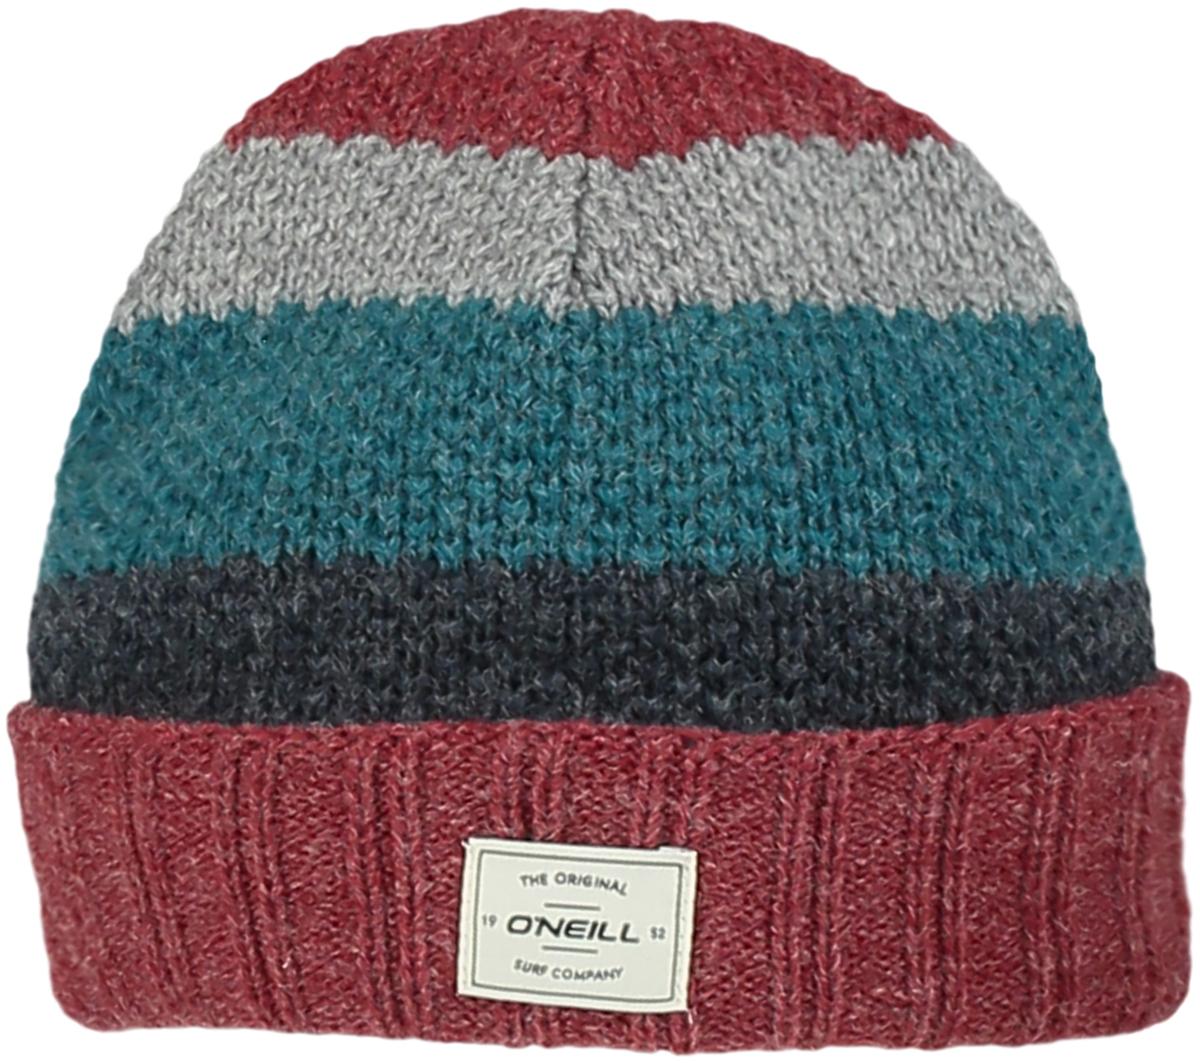 Шапка мужская ONeill Bm Snowset Wool Mix Beanie, цвет: красный, синий, бирюзовый, серый. 7P4104-3087. Размер универсальный7P4104-3087Стильная мужская шапка от ONeill выполнена из акриловой пряжи с добавлением шерсти. Шапка с отворотом.